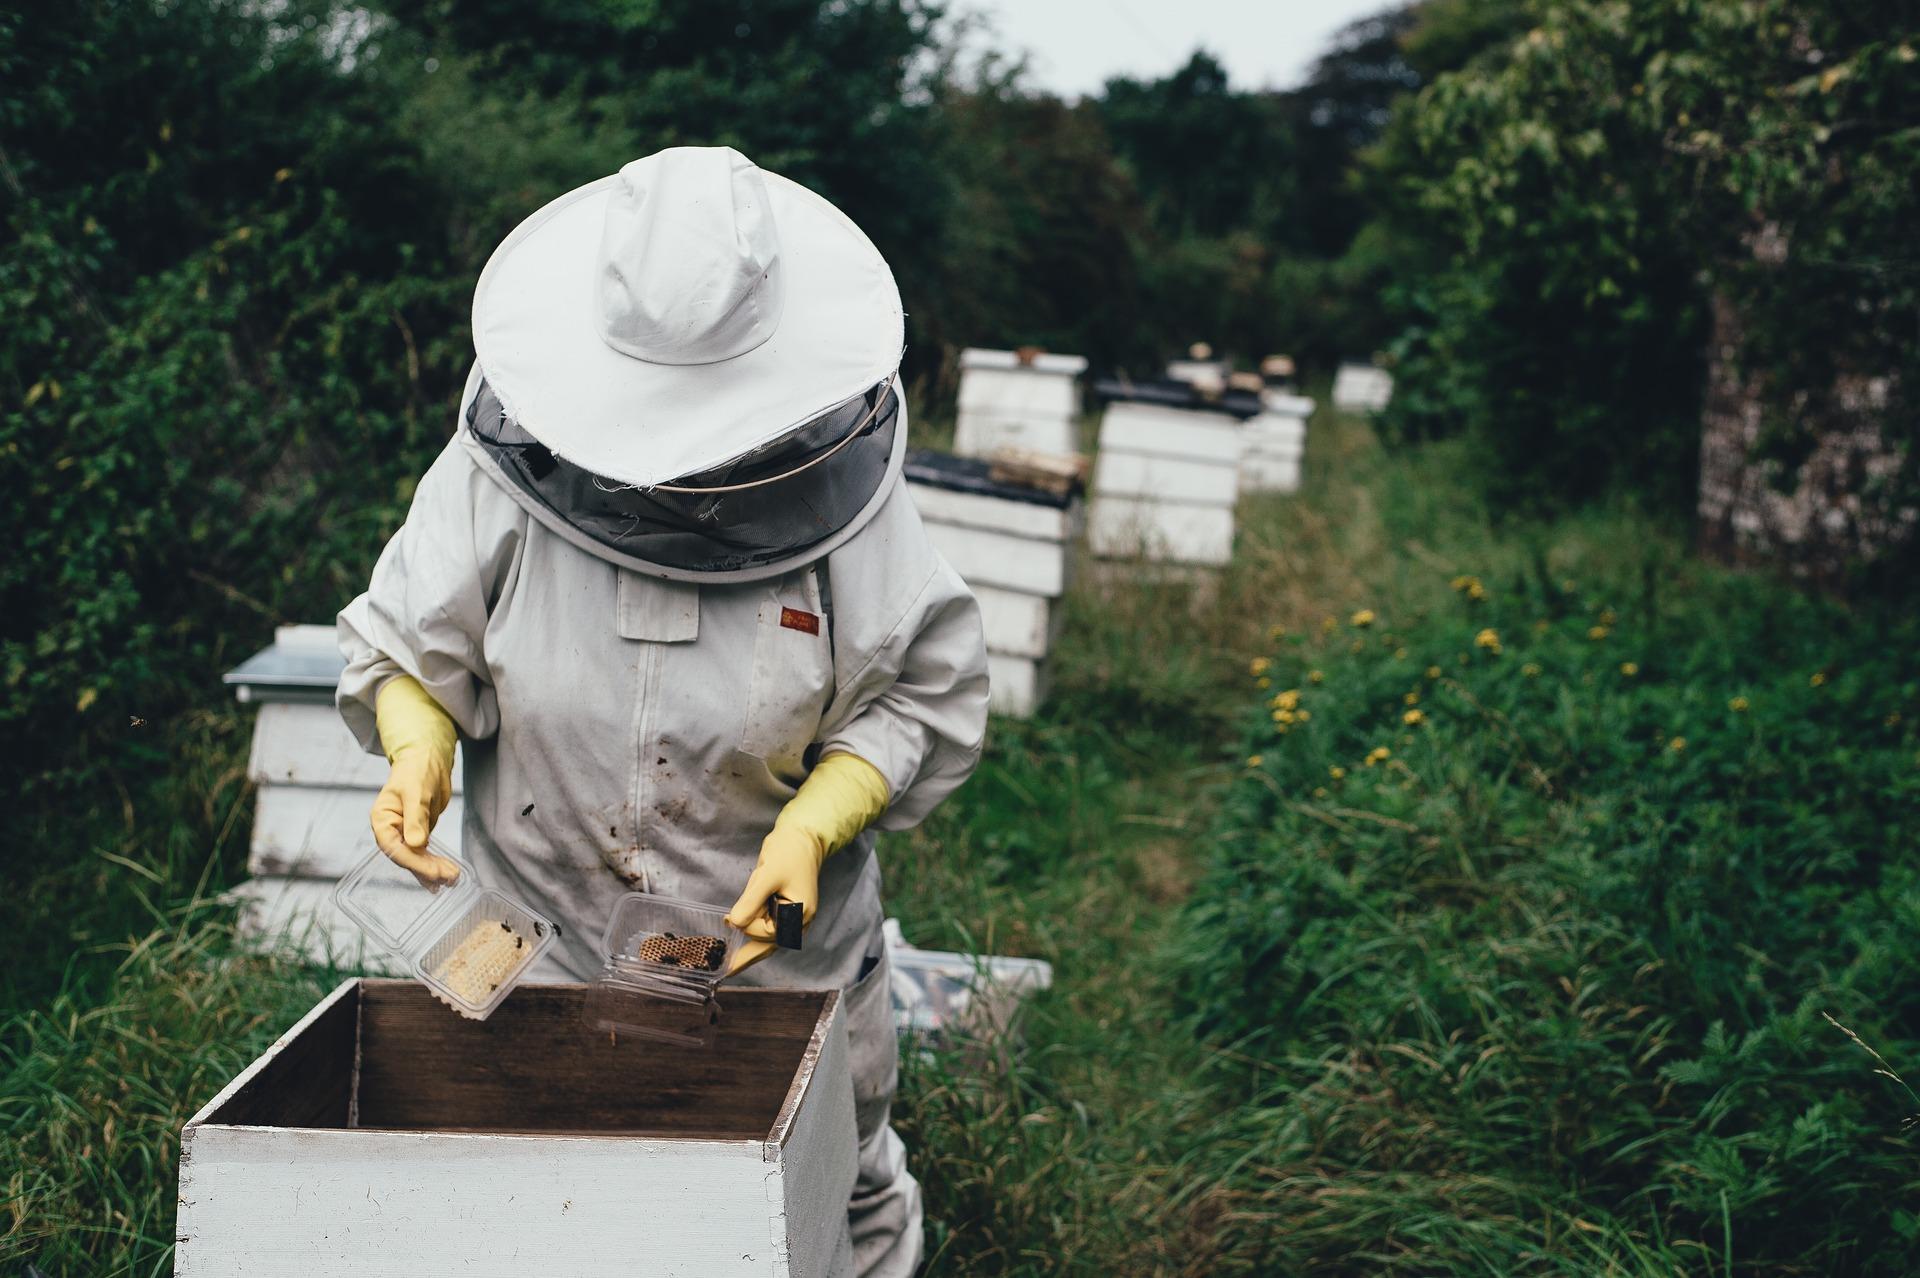 apiary-1866740_1920